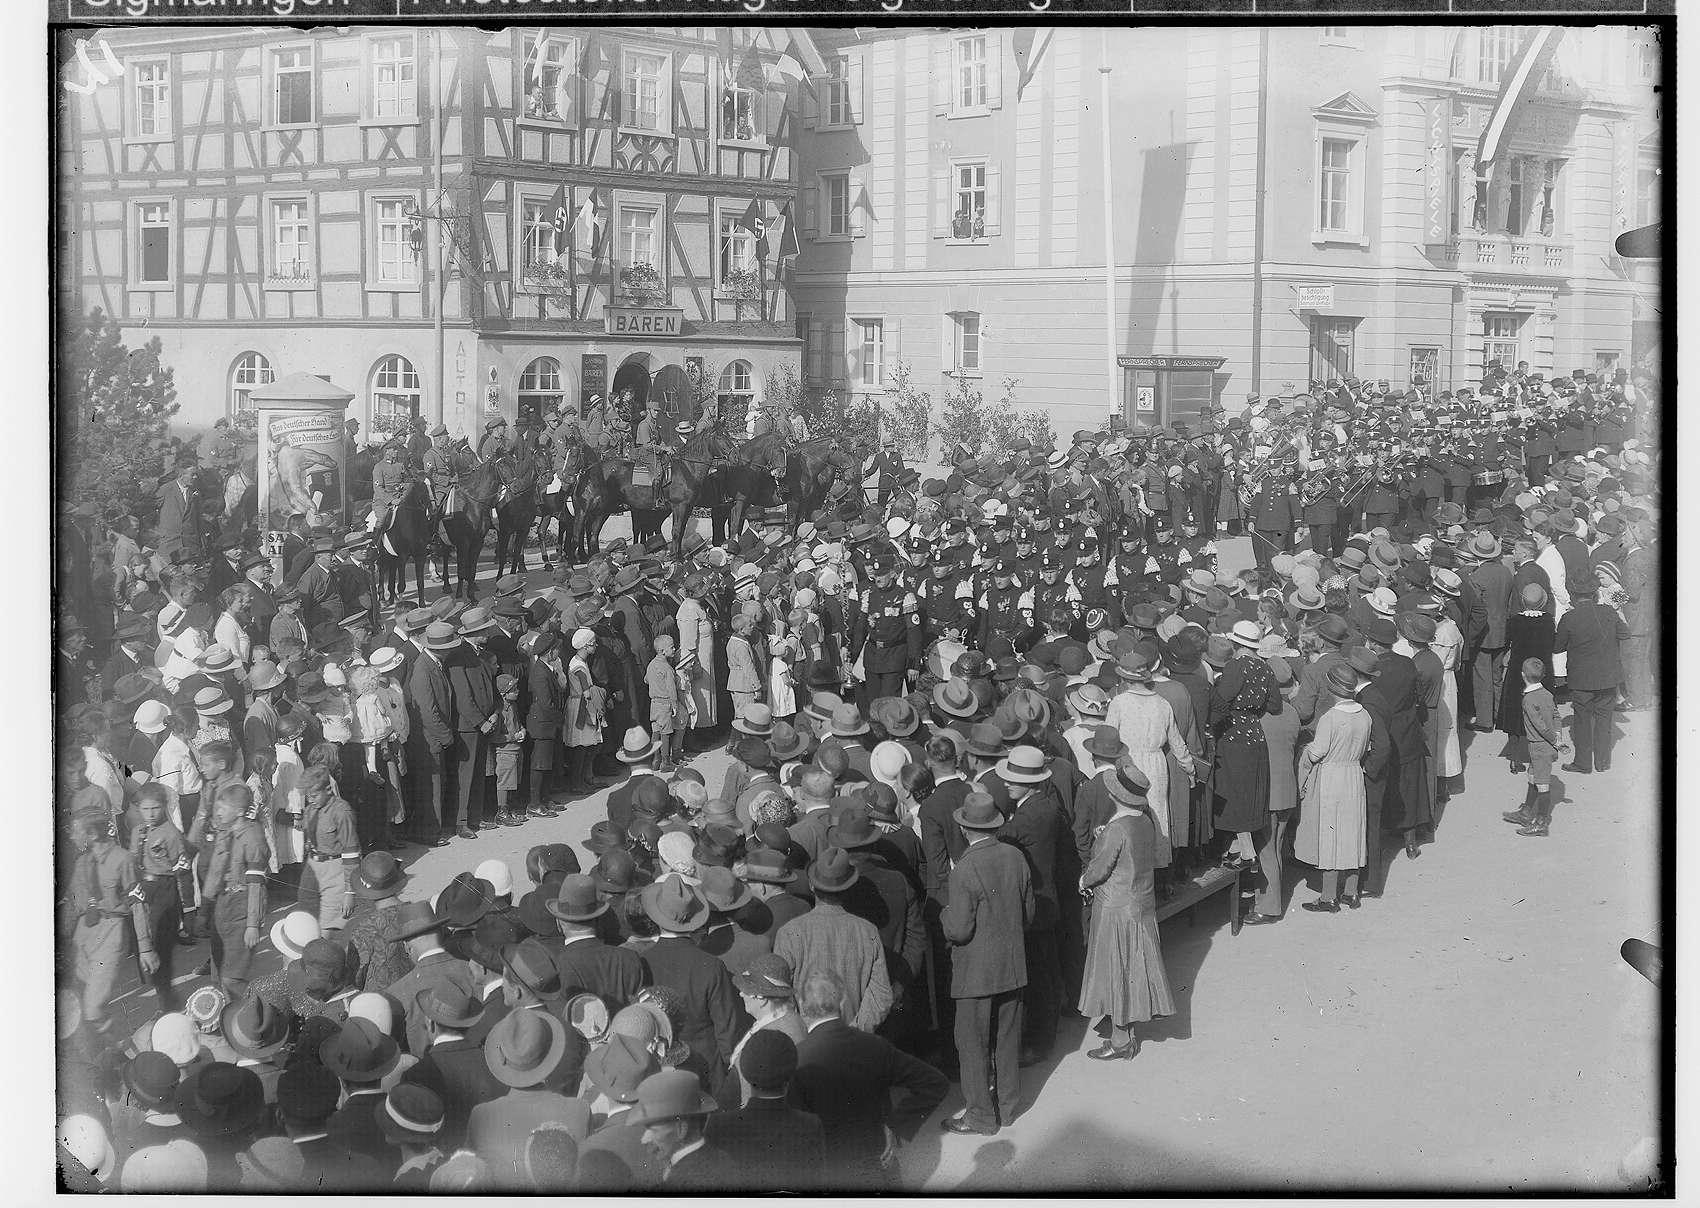 Erntedankfest in Sigmaringen 1933; Festumzug vor dem Hotel Bären und dem Hoftheater/Lichtspiele; Hüttenkapelle Laucherthal, Bild 1